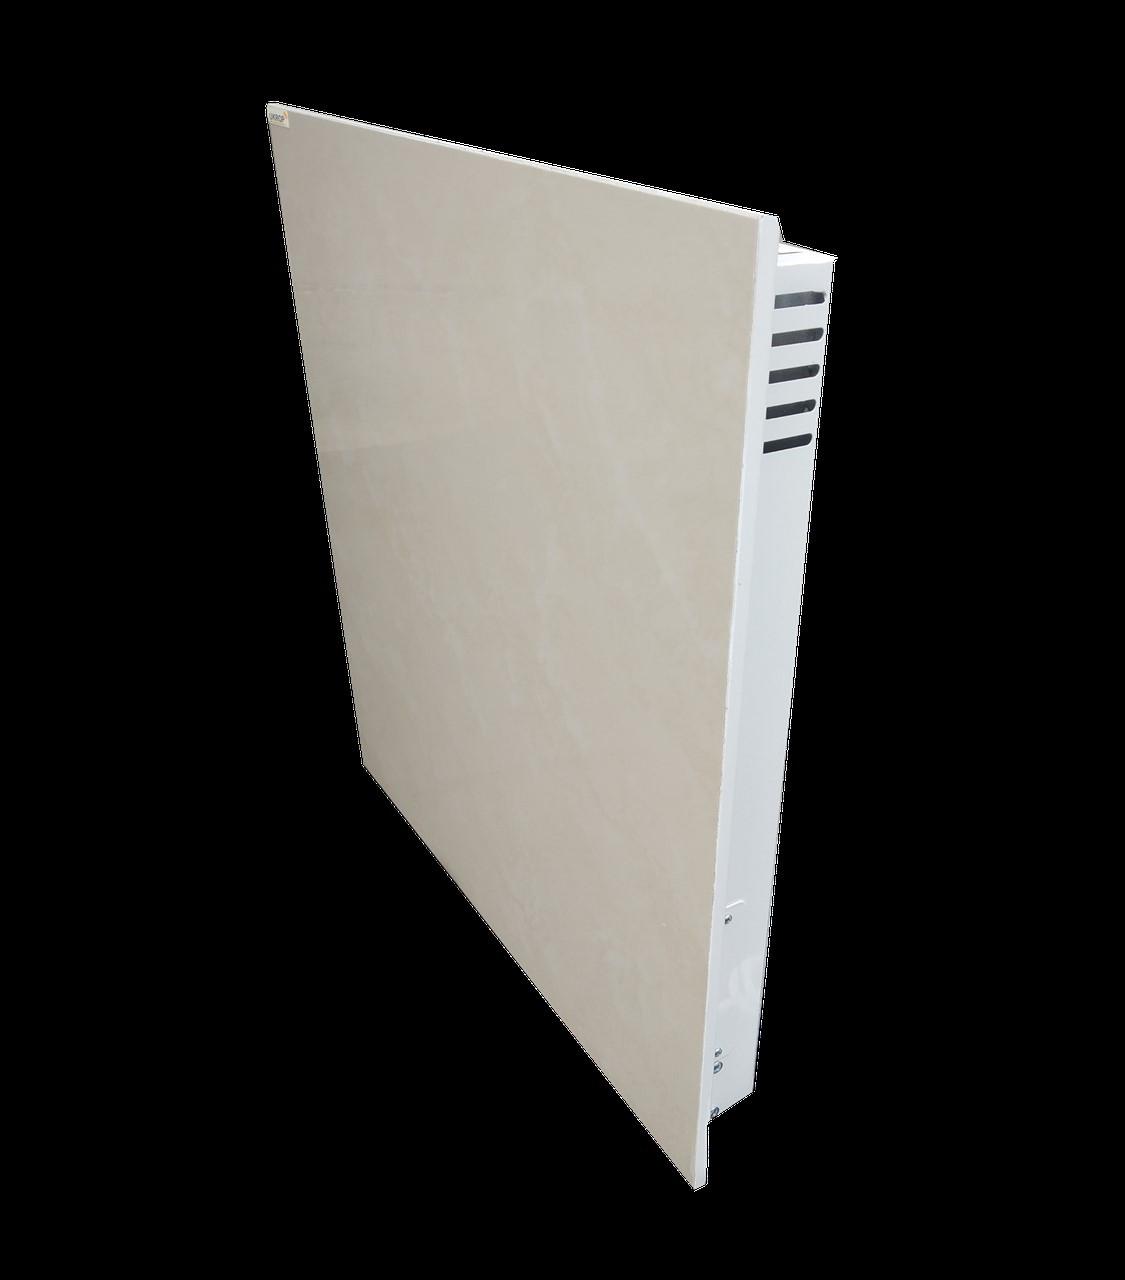 Конвектор Керамический био-конвектор UKROP БИО-К 900 3-х контурный 2в1: панель + конвектор, не сушит воздух